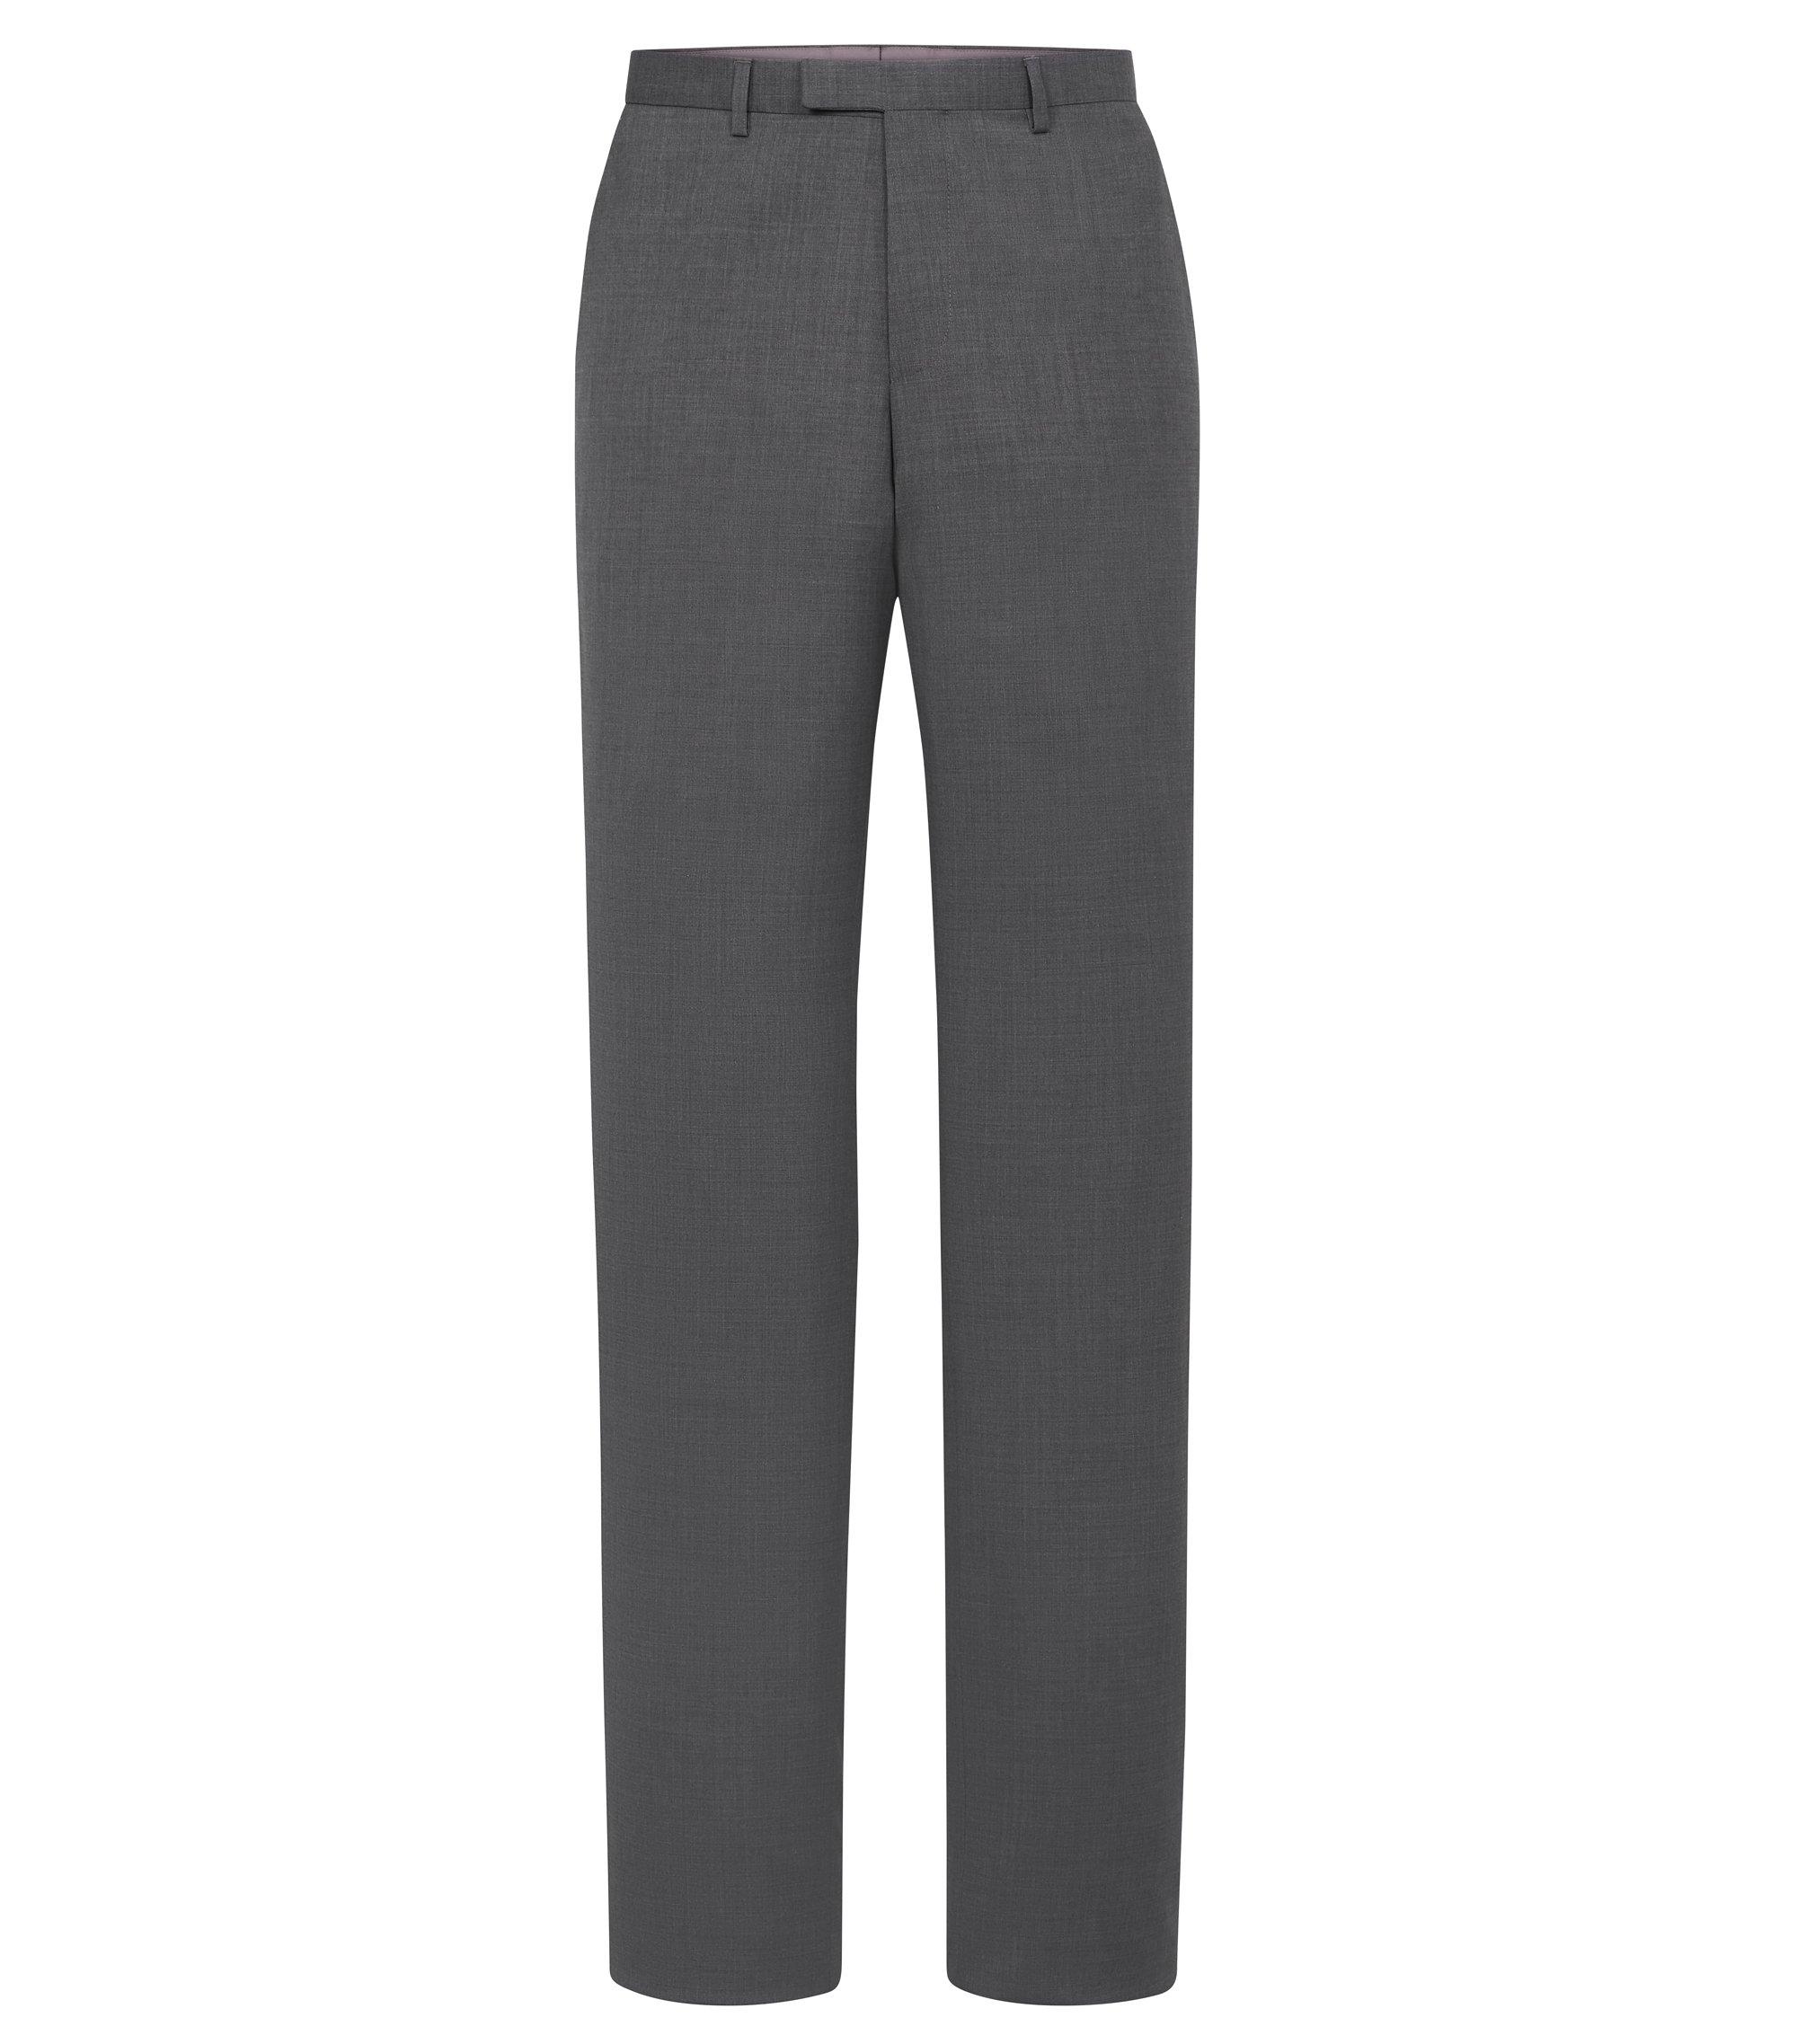 Virgin Wool Dress Pant, Regular Fit | Sharp, Open Grey